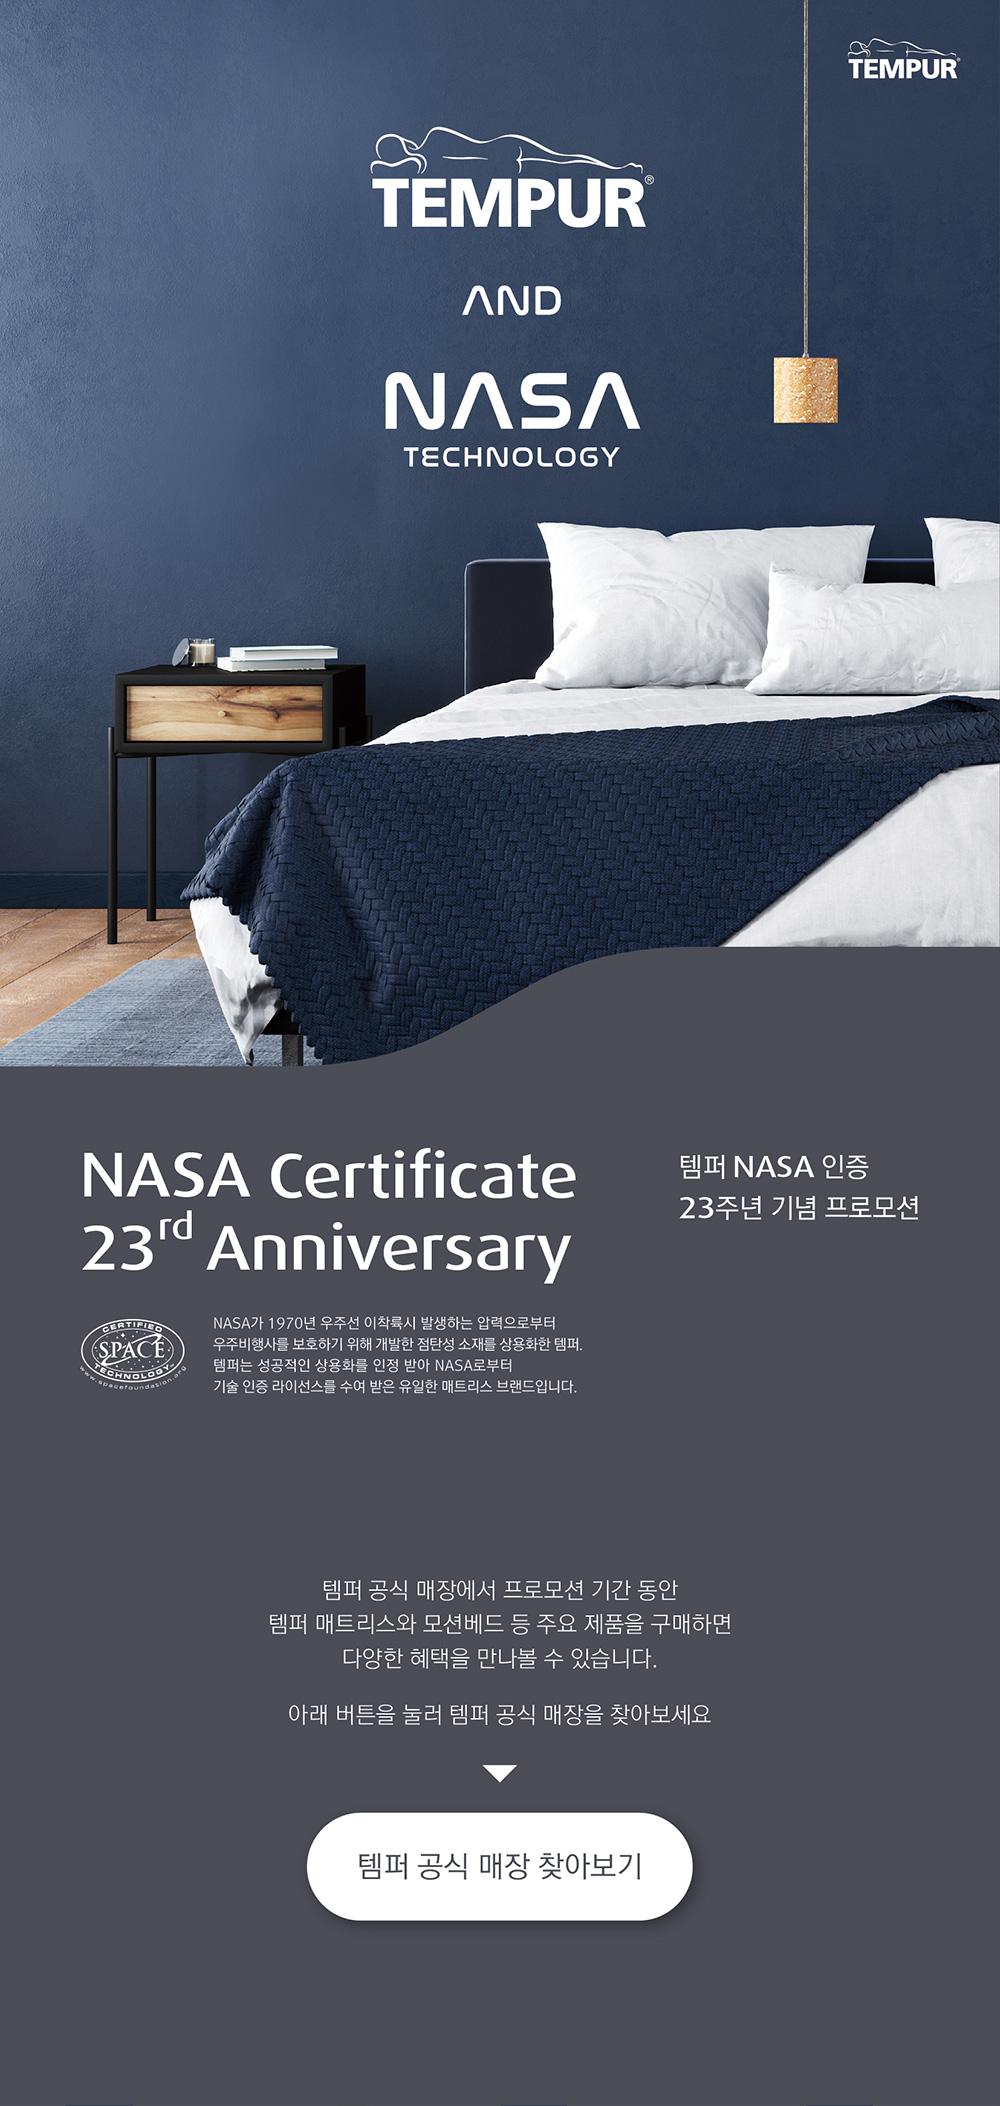 템퍼 NASA 인증 23주년 기념 프로모션